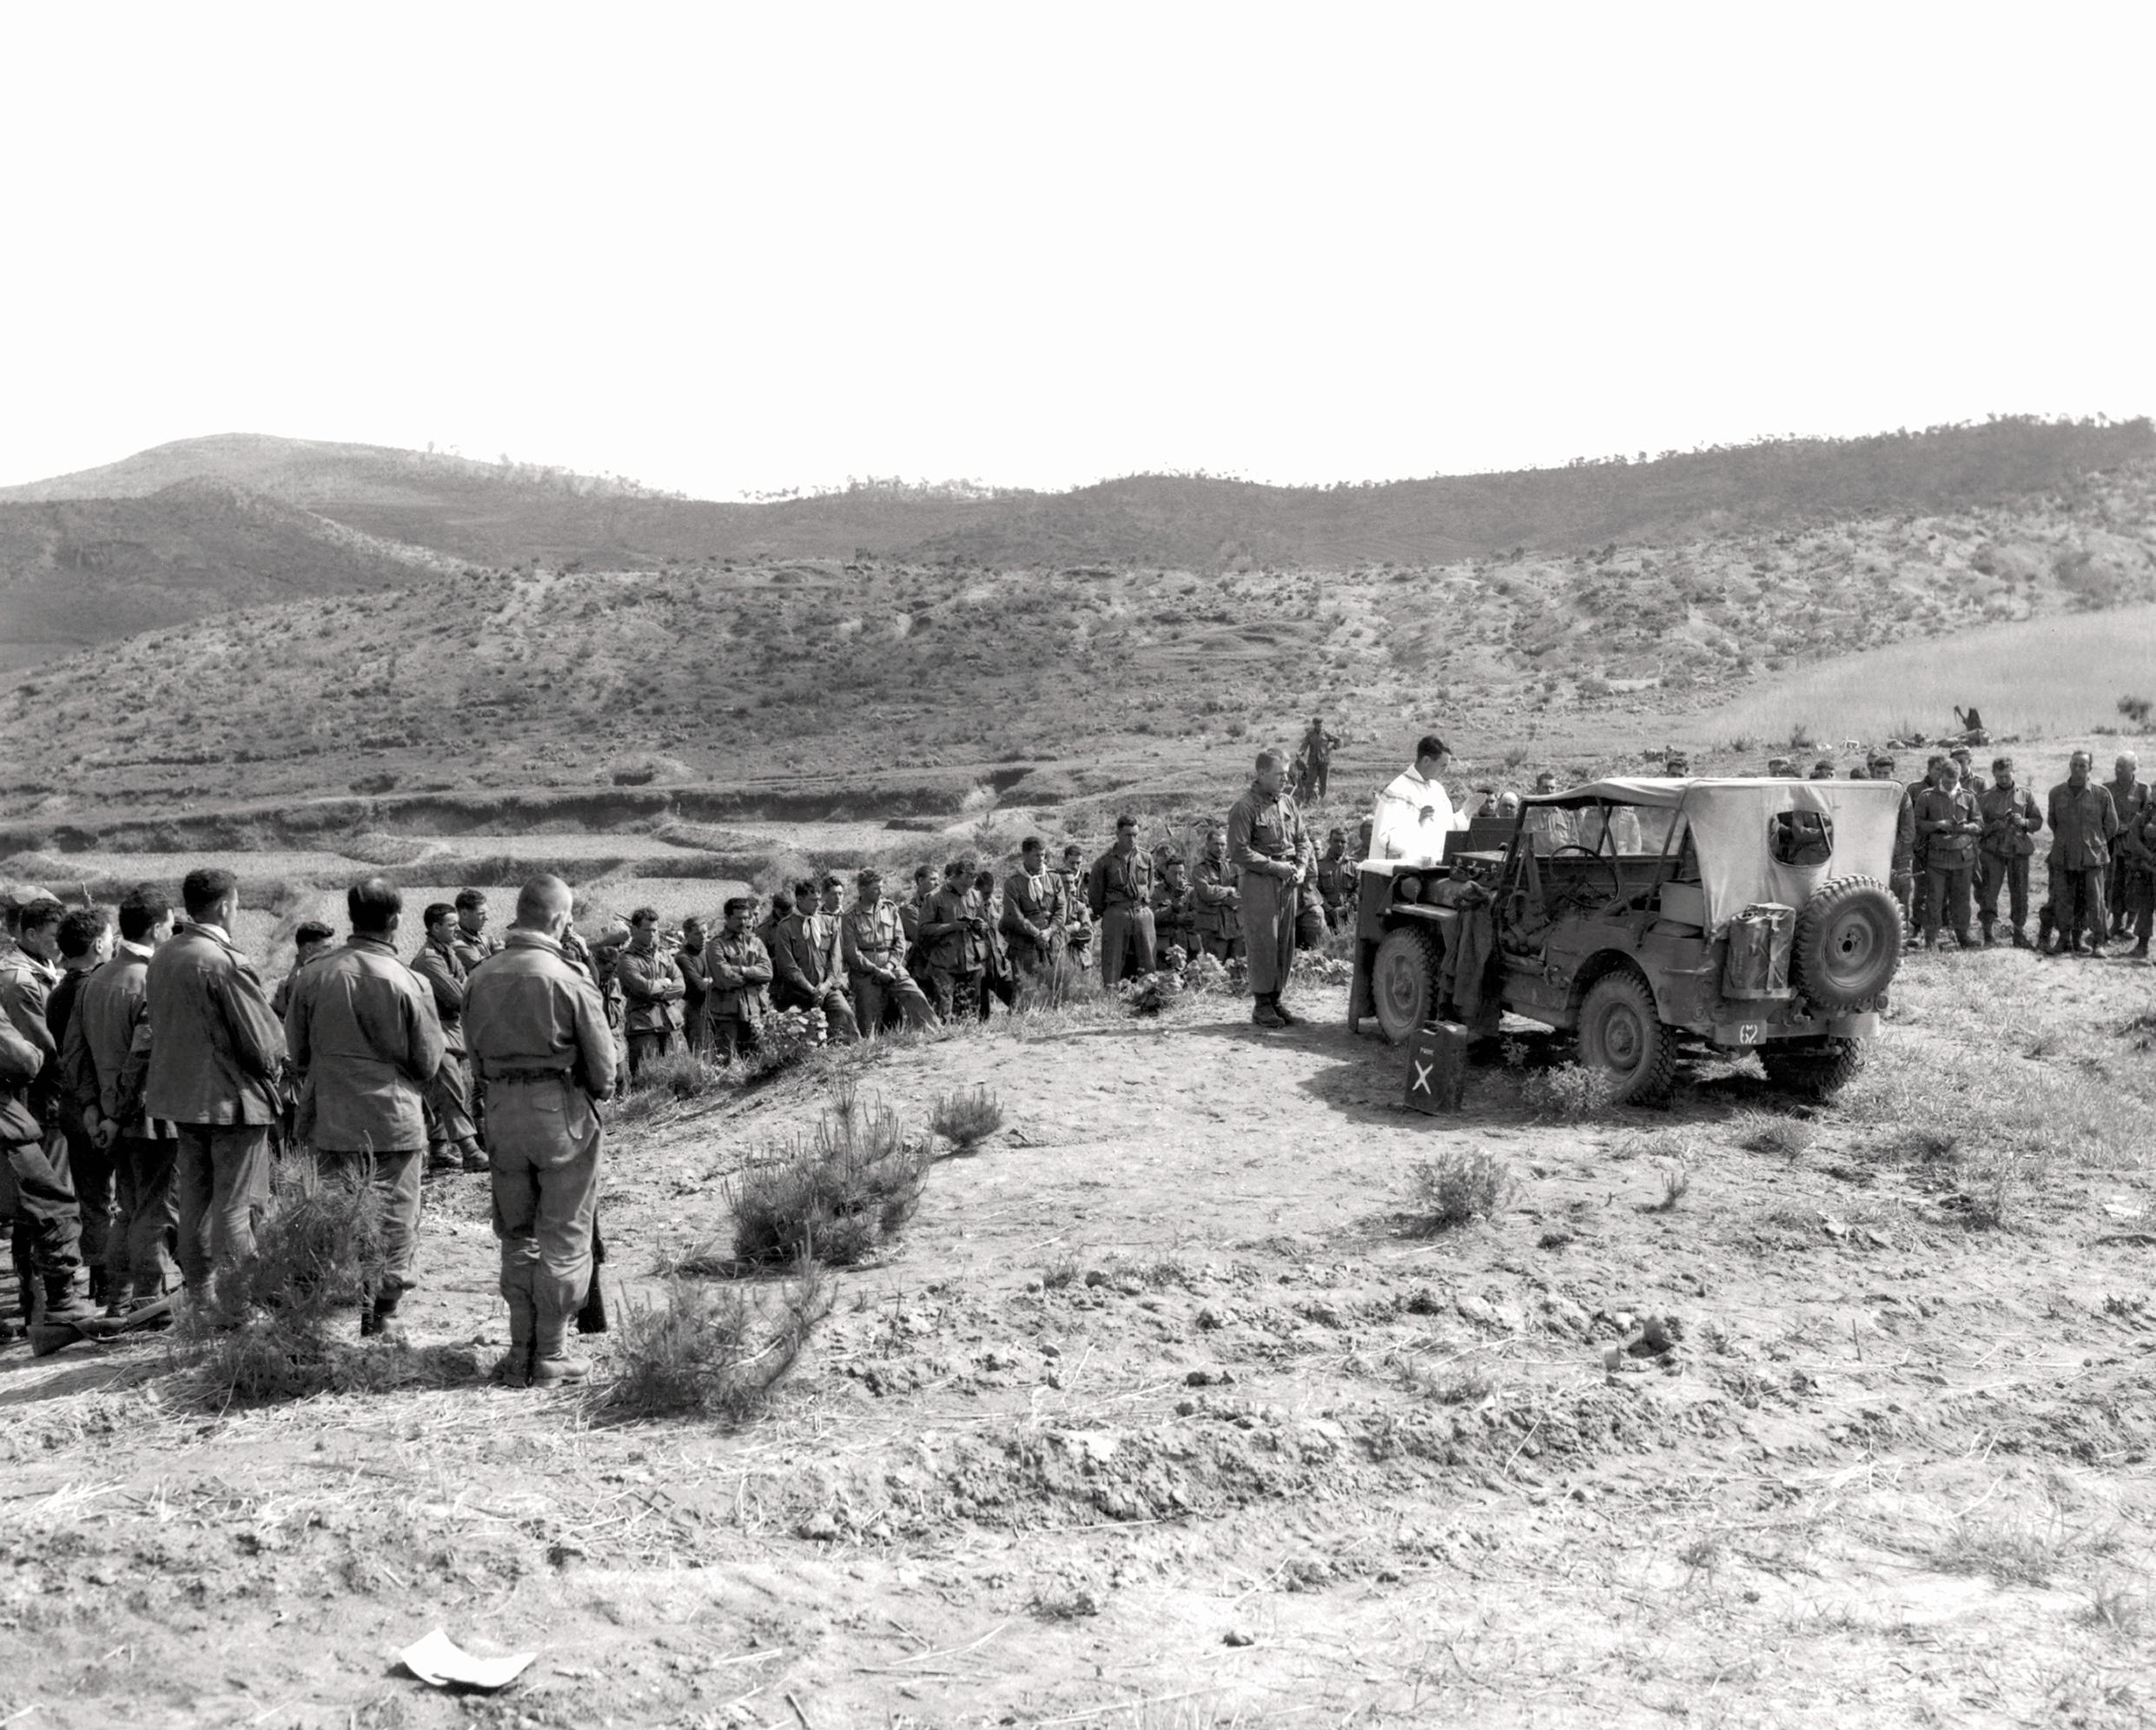 Historic Korean War Photo – A Regimental Mass